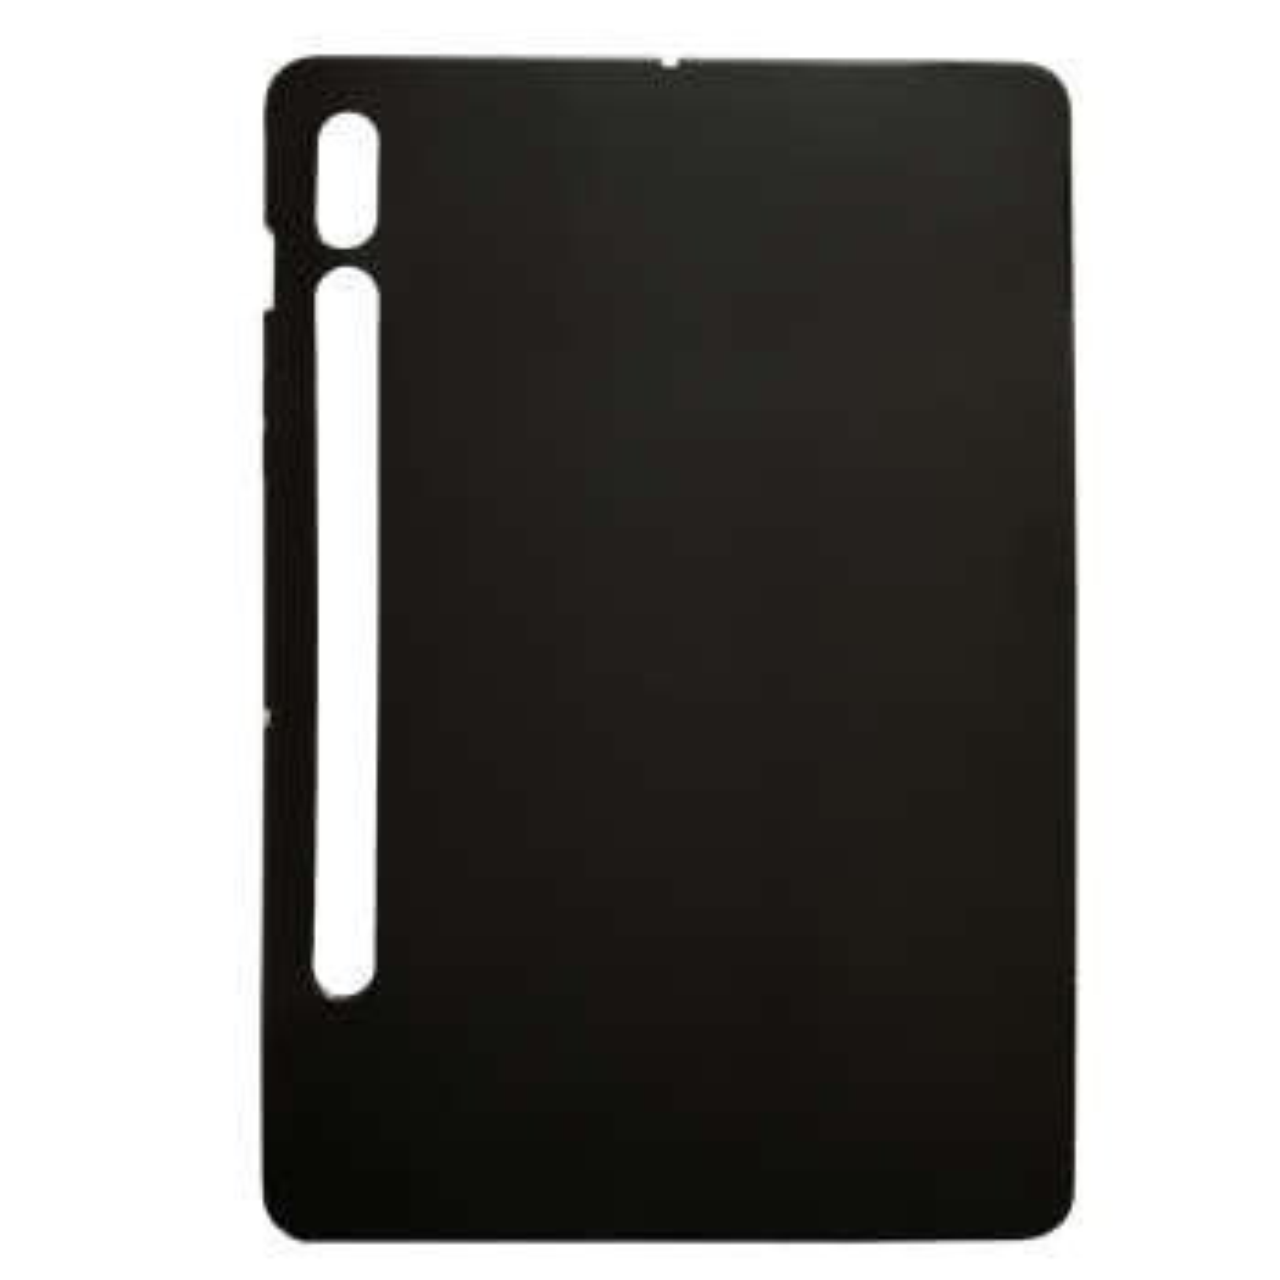 کاور مدل KR-074 مناسب برای تبلت سامسونگ Galaxy Tab S7 / T870 / T875